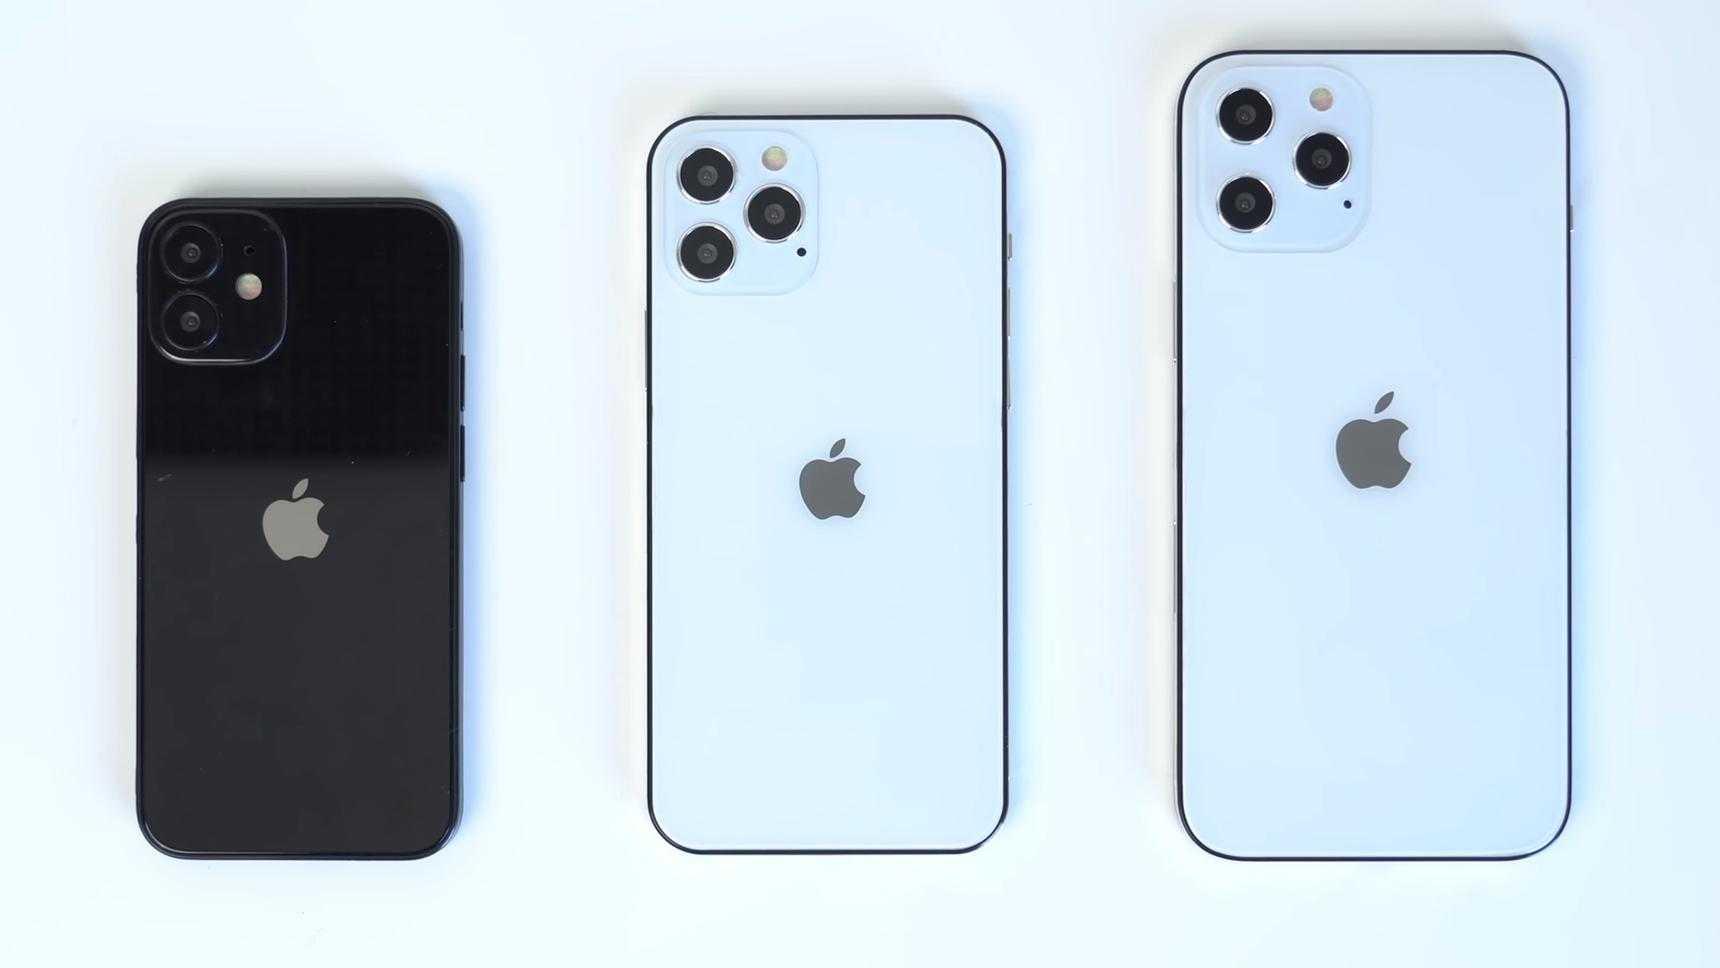 У iphone 12 будет самое прочное стекло в истории | appleinsider.ru